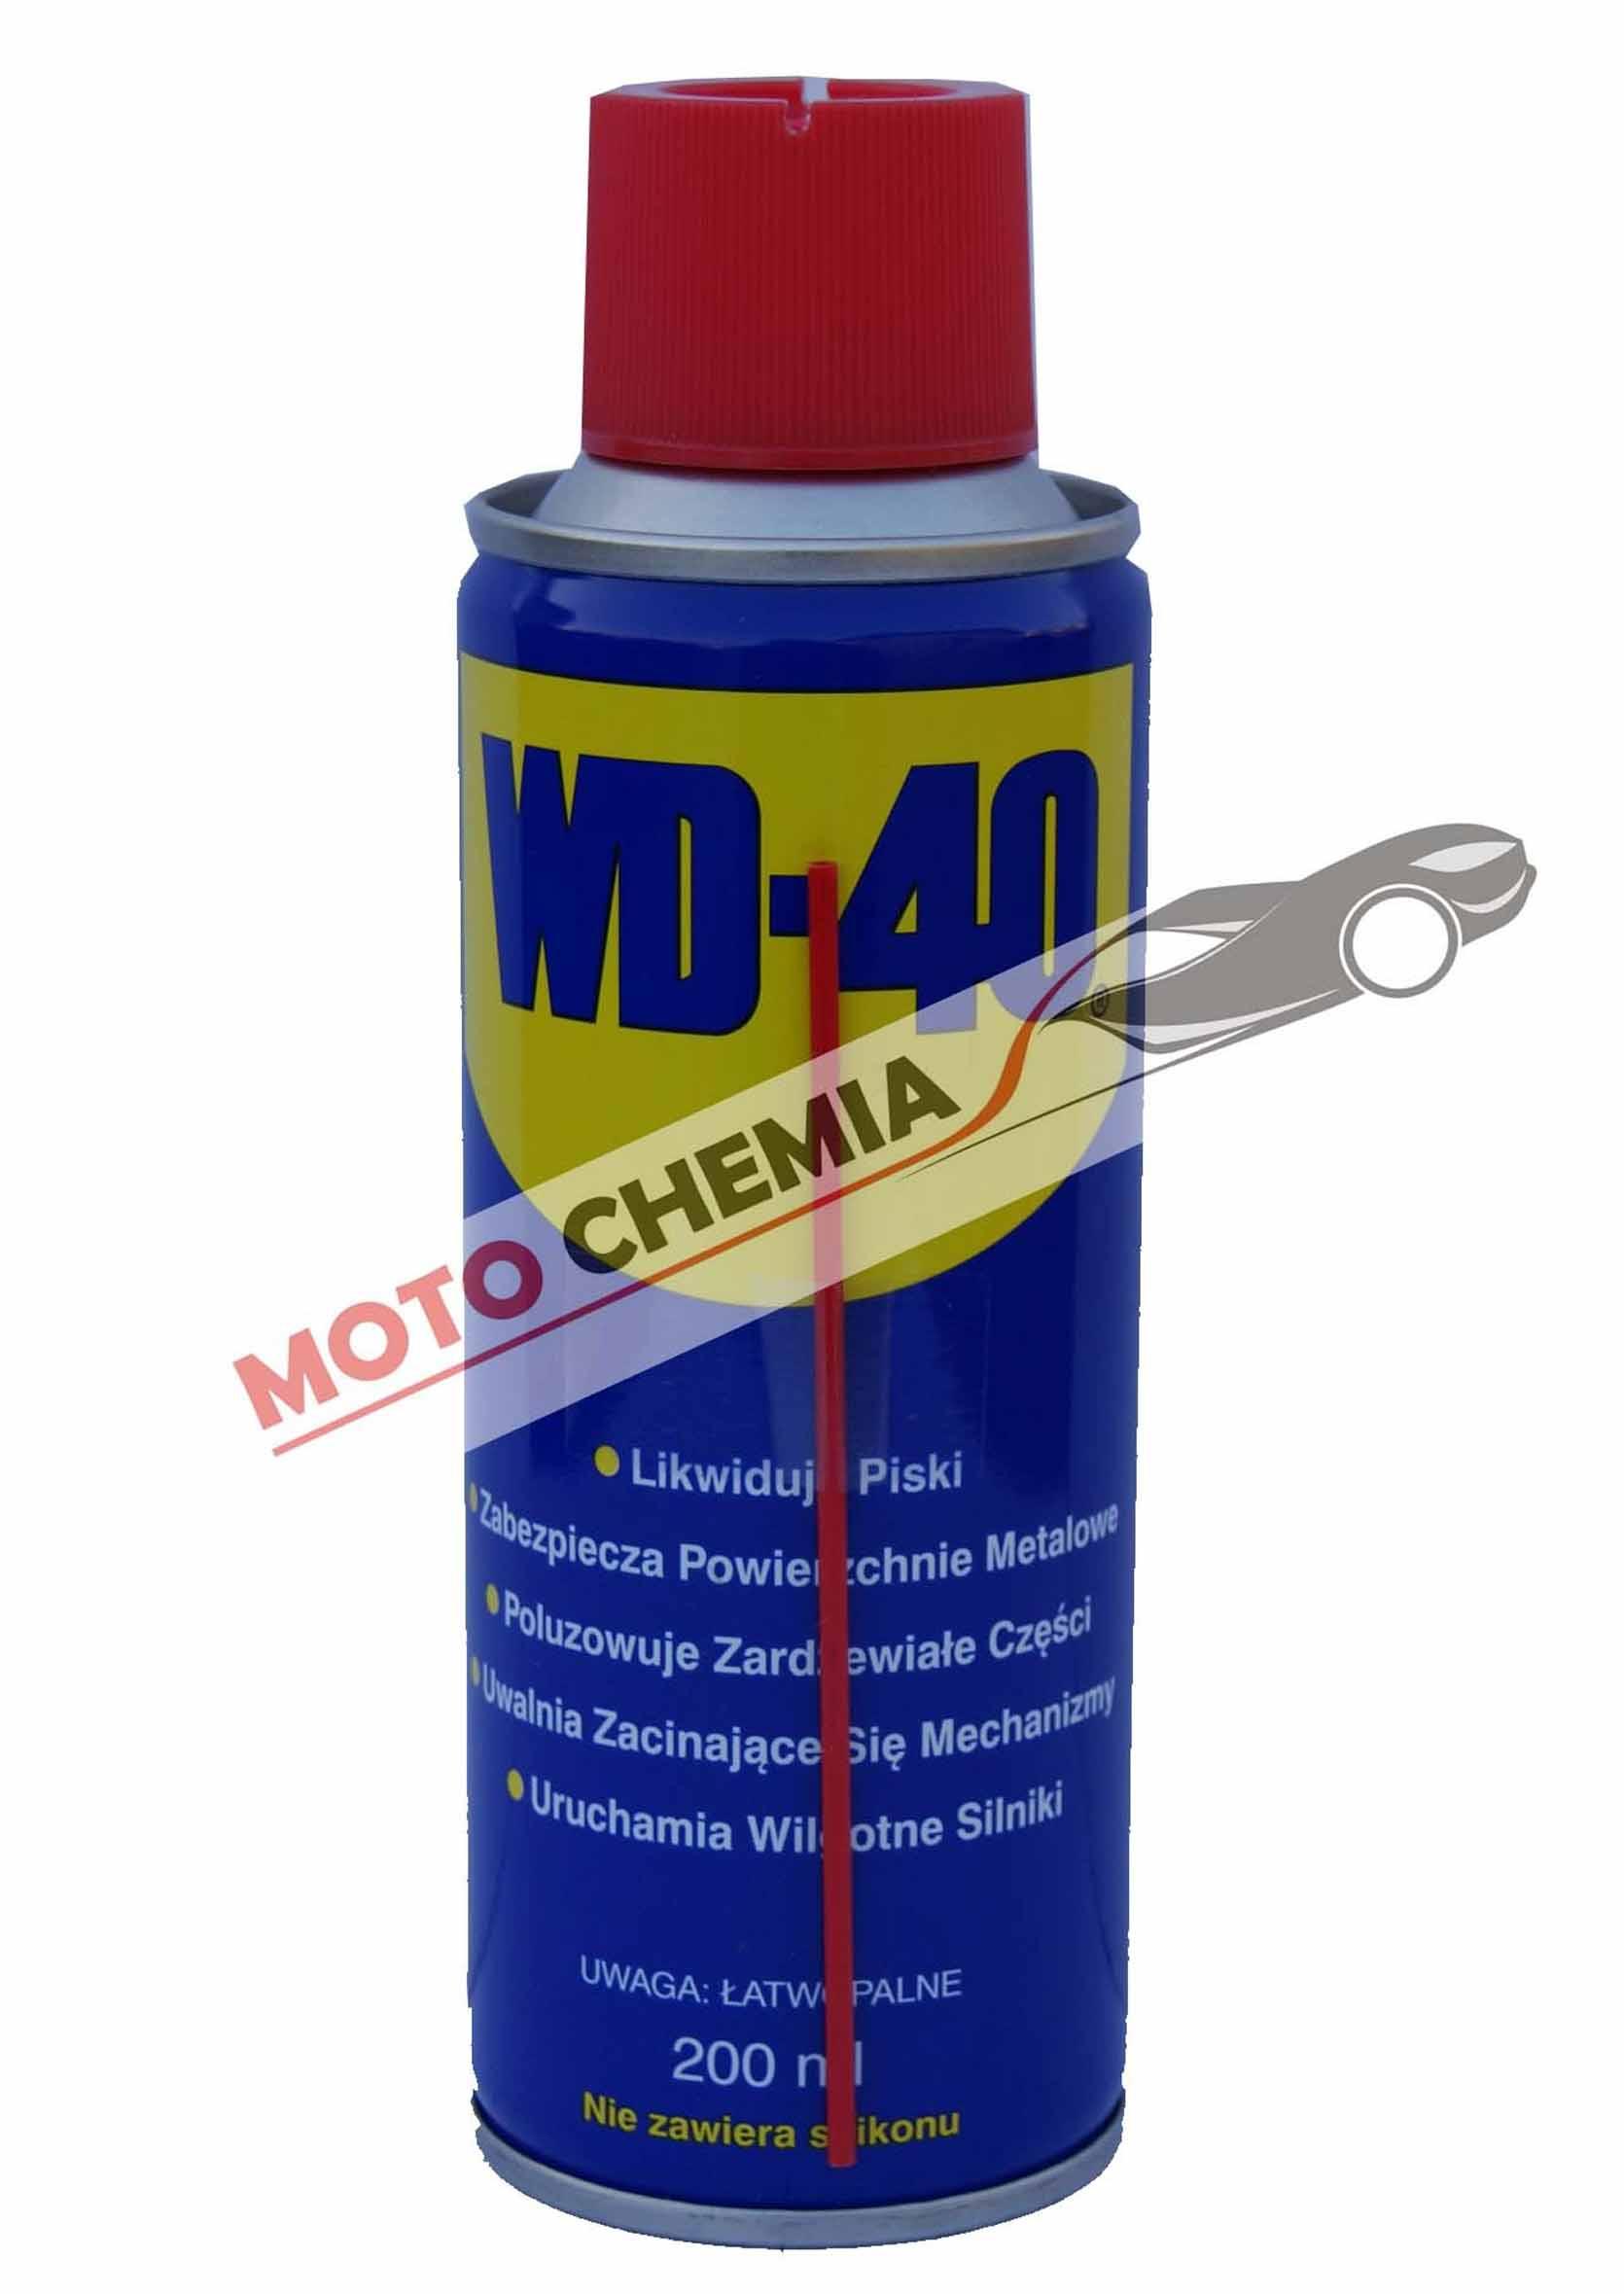 WD-40 200ml Preparat wielofunkcyjny wd40 penetrant odrdzewiacz wielozadaniowy